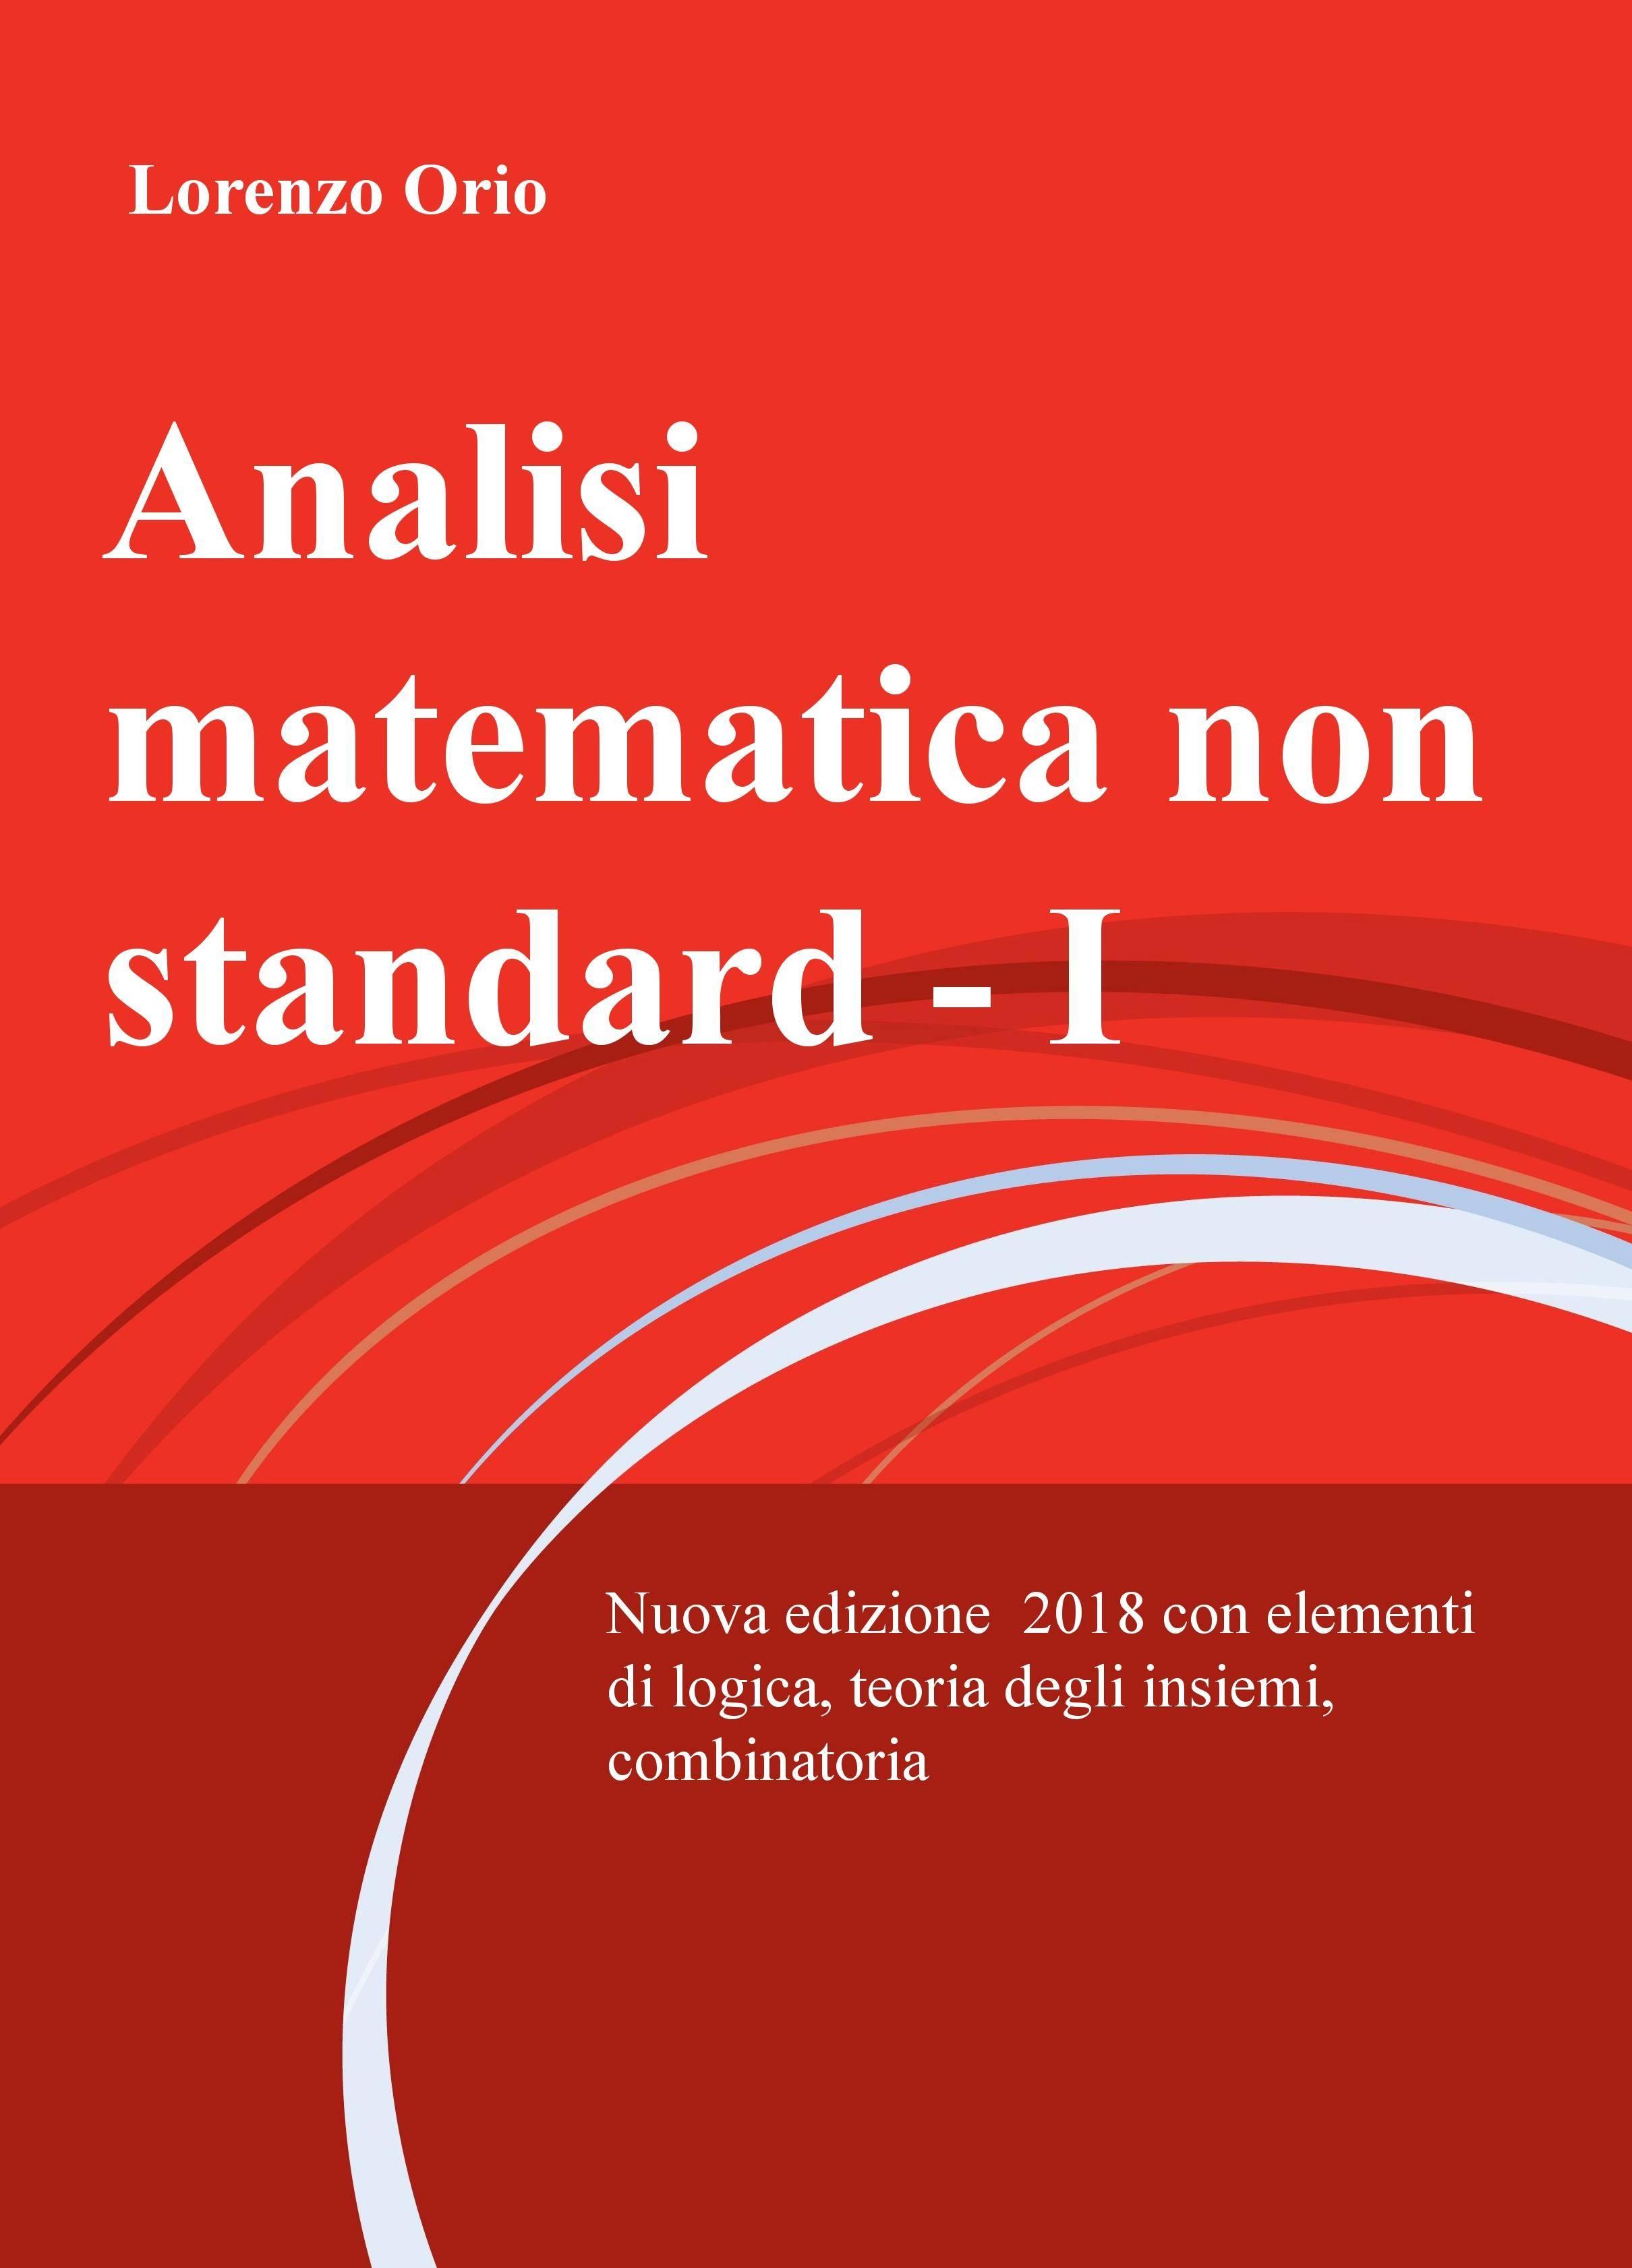 Analisi matematica non standard I